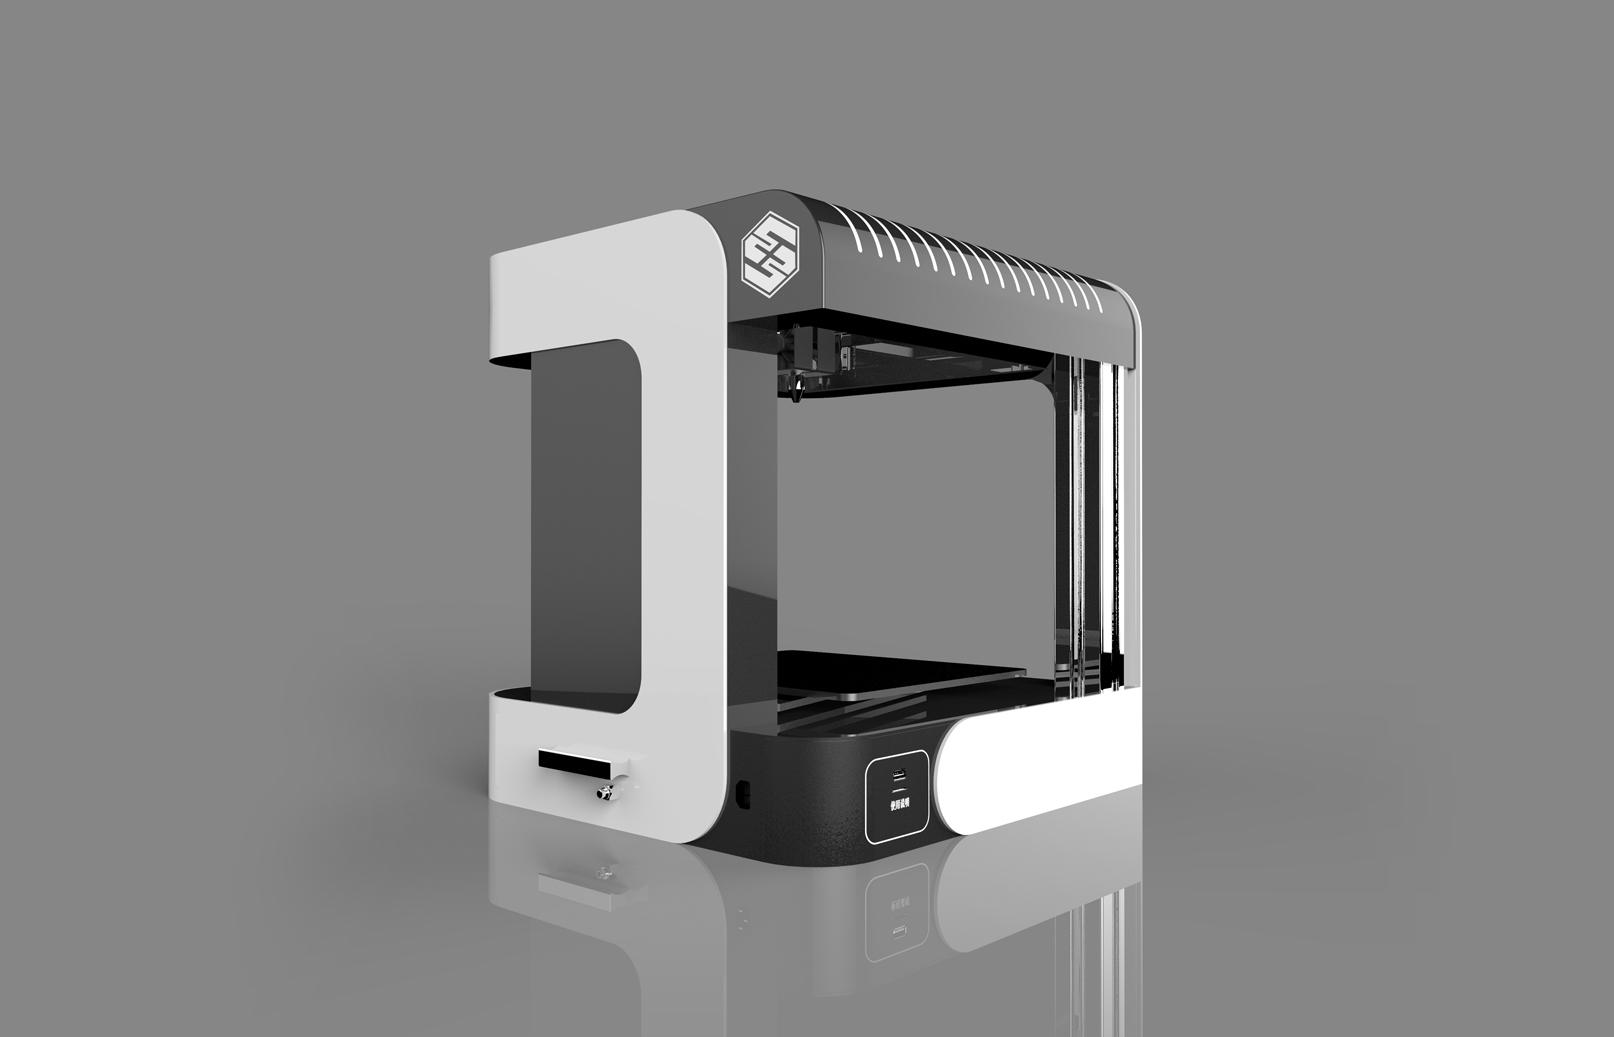 3d打印机,工业设计公司,工业设备外观设计,cad图纸